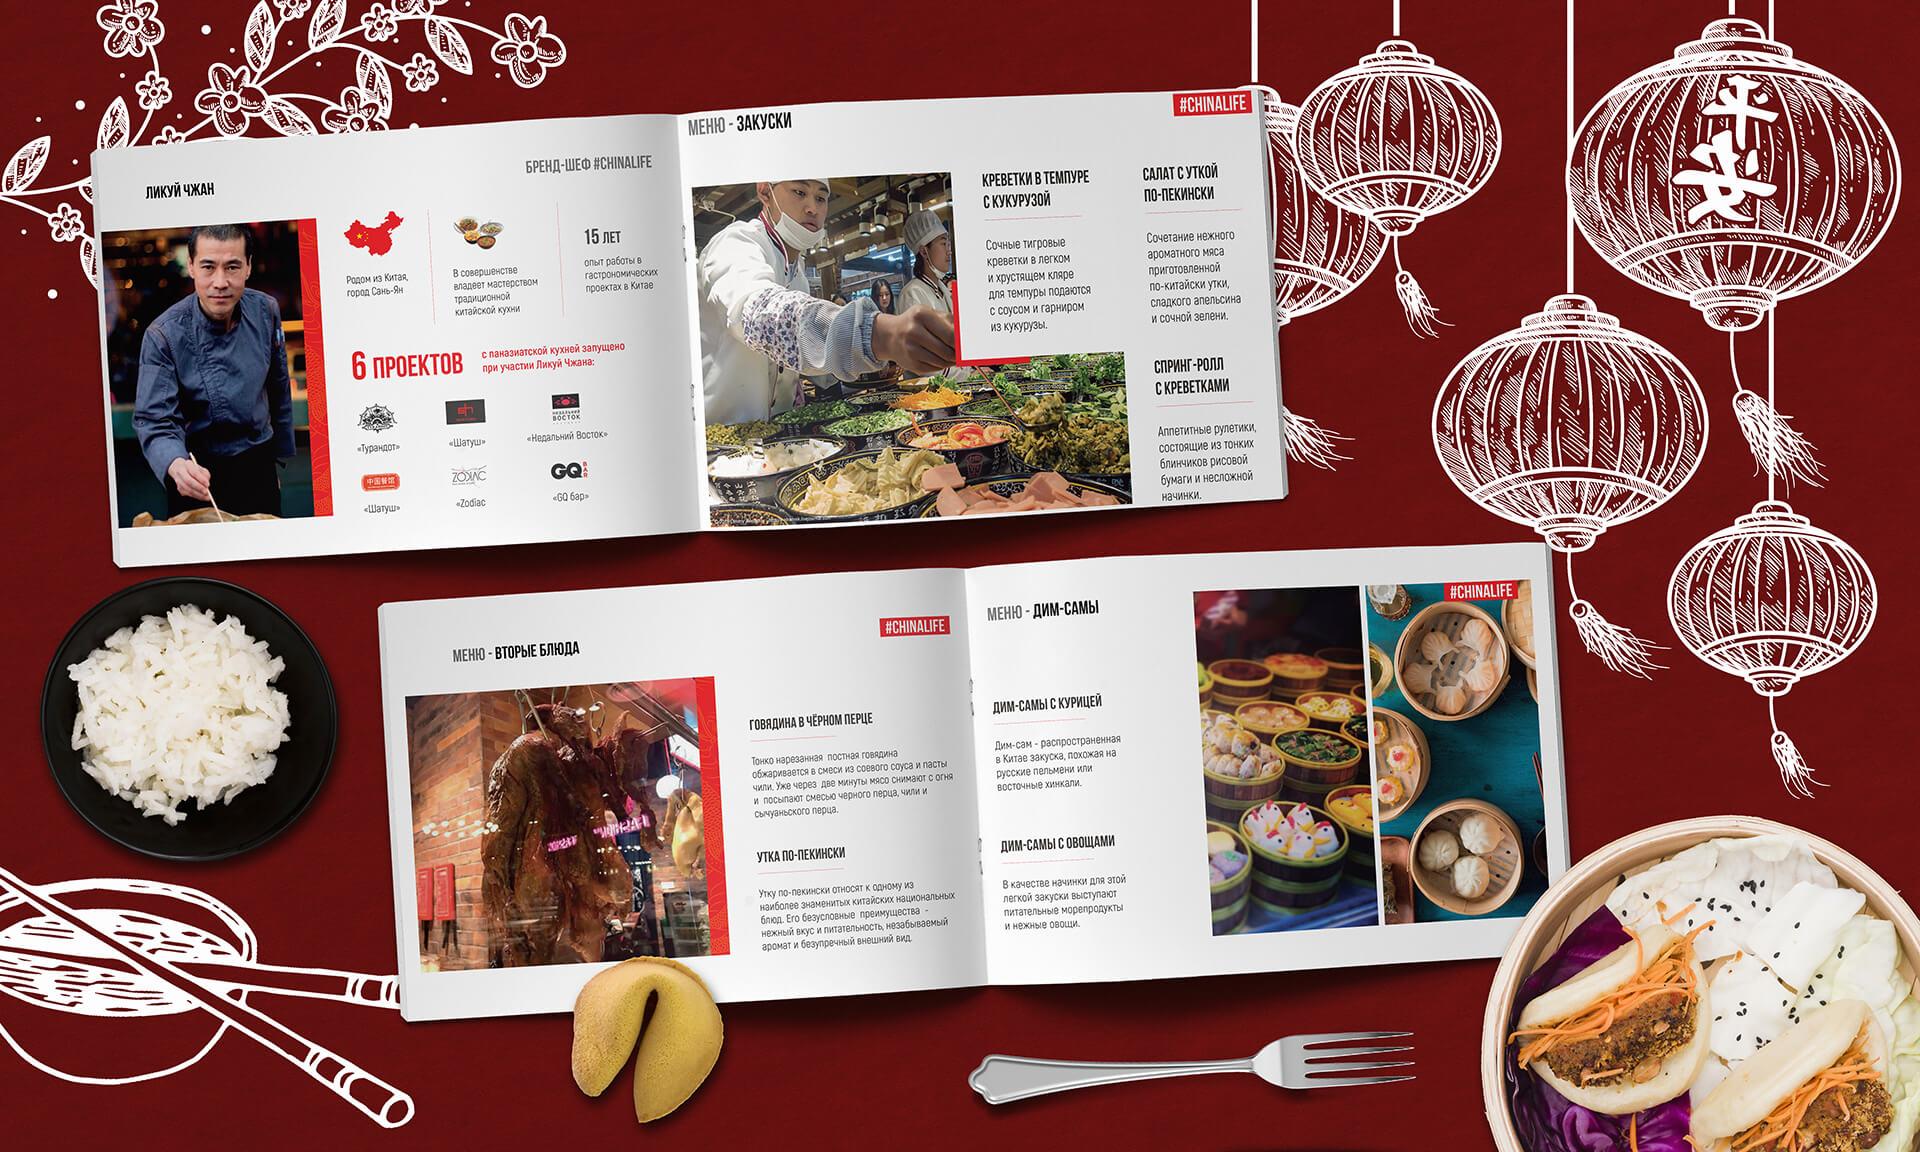 Презентация ресторана, китайская кухня в Москве, скачать образец